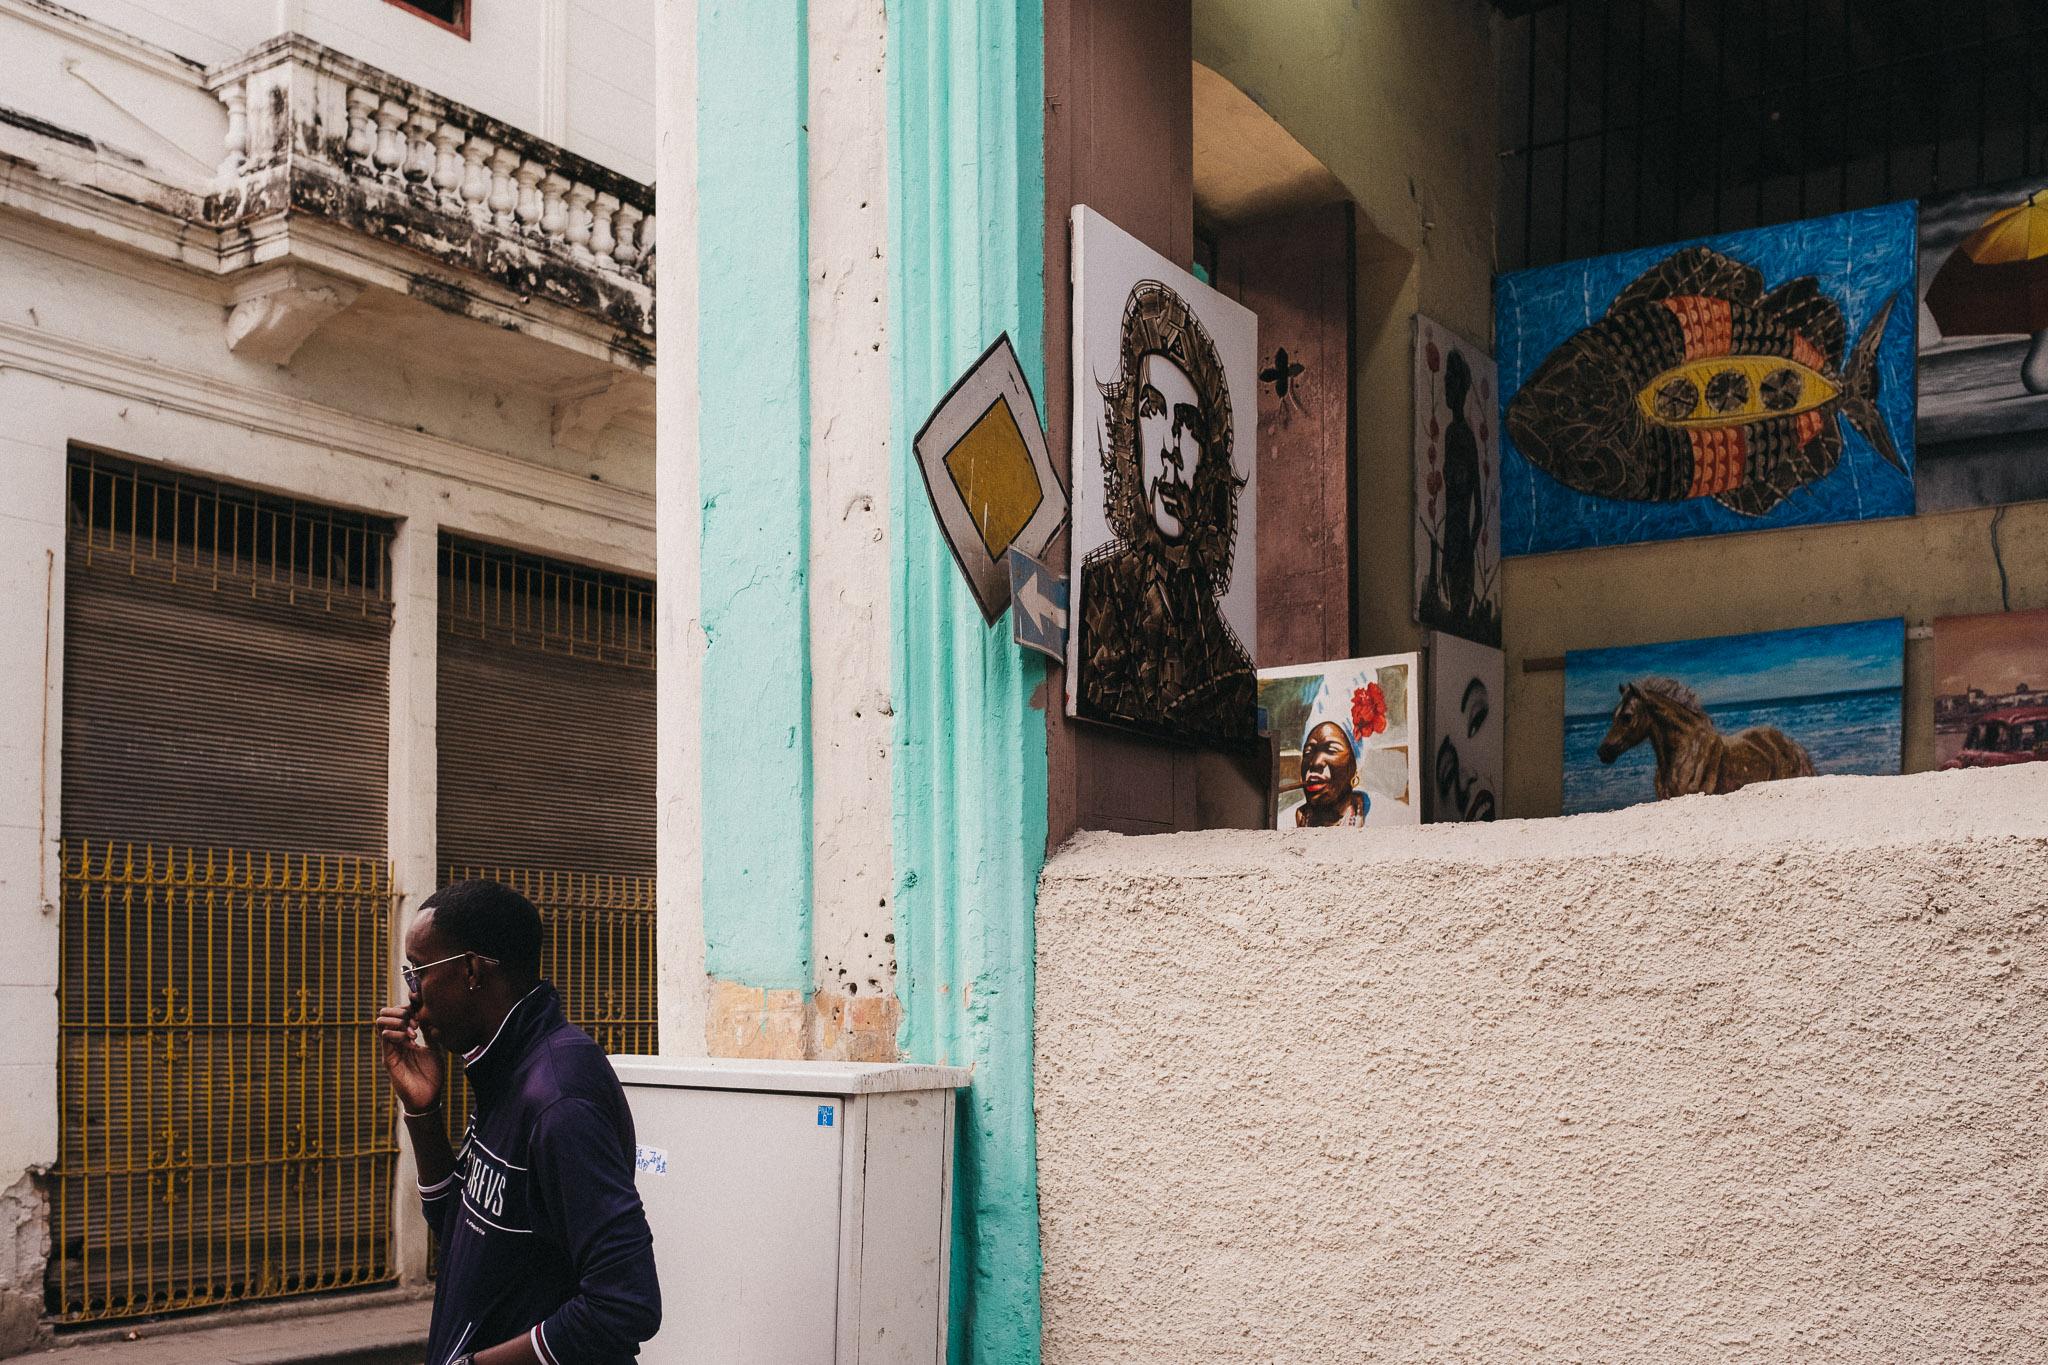 Cuba-2017-12-Havana-0435.jpg